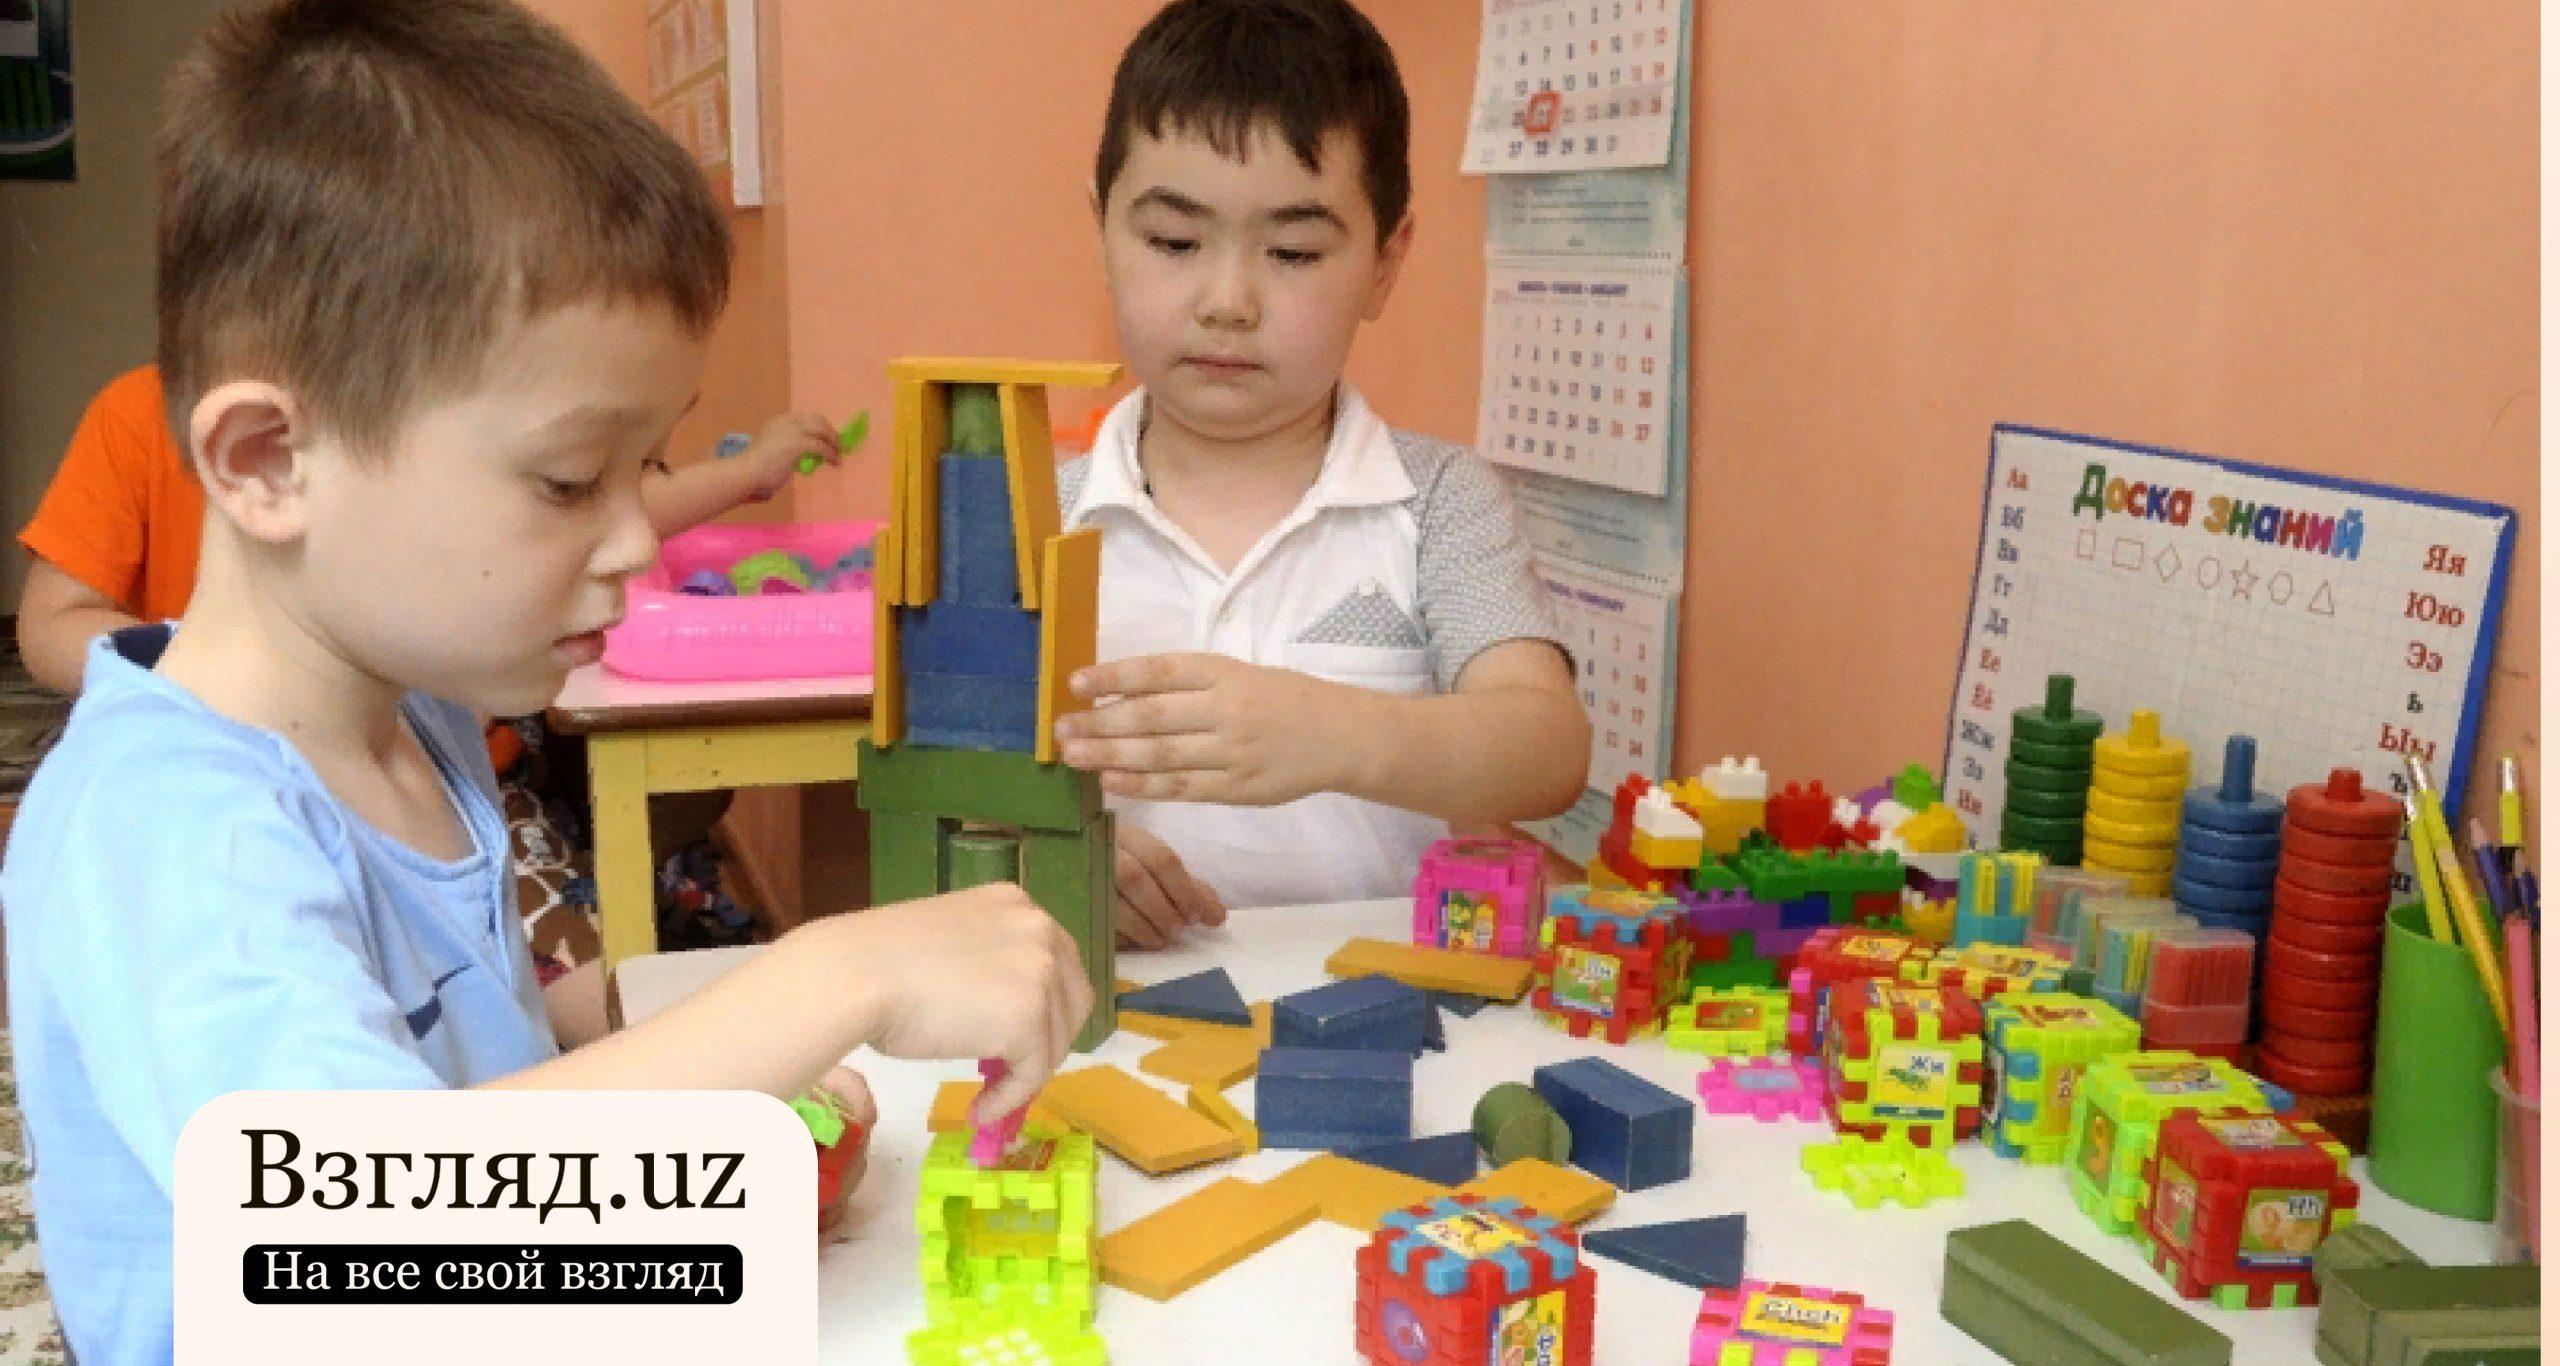 «Узстандарт» предупредил об опасности риска удушья еще одной китайской игрушки